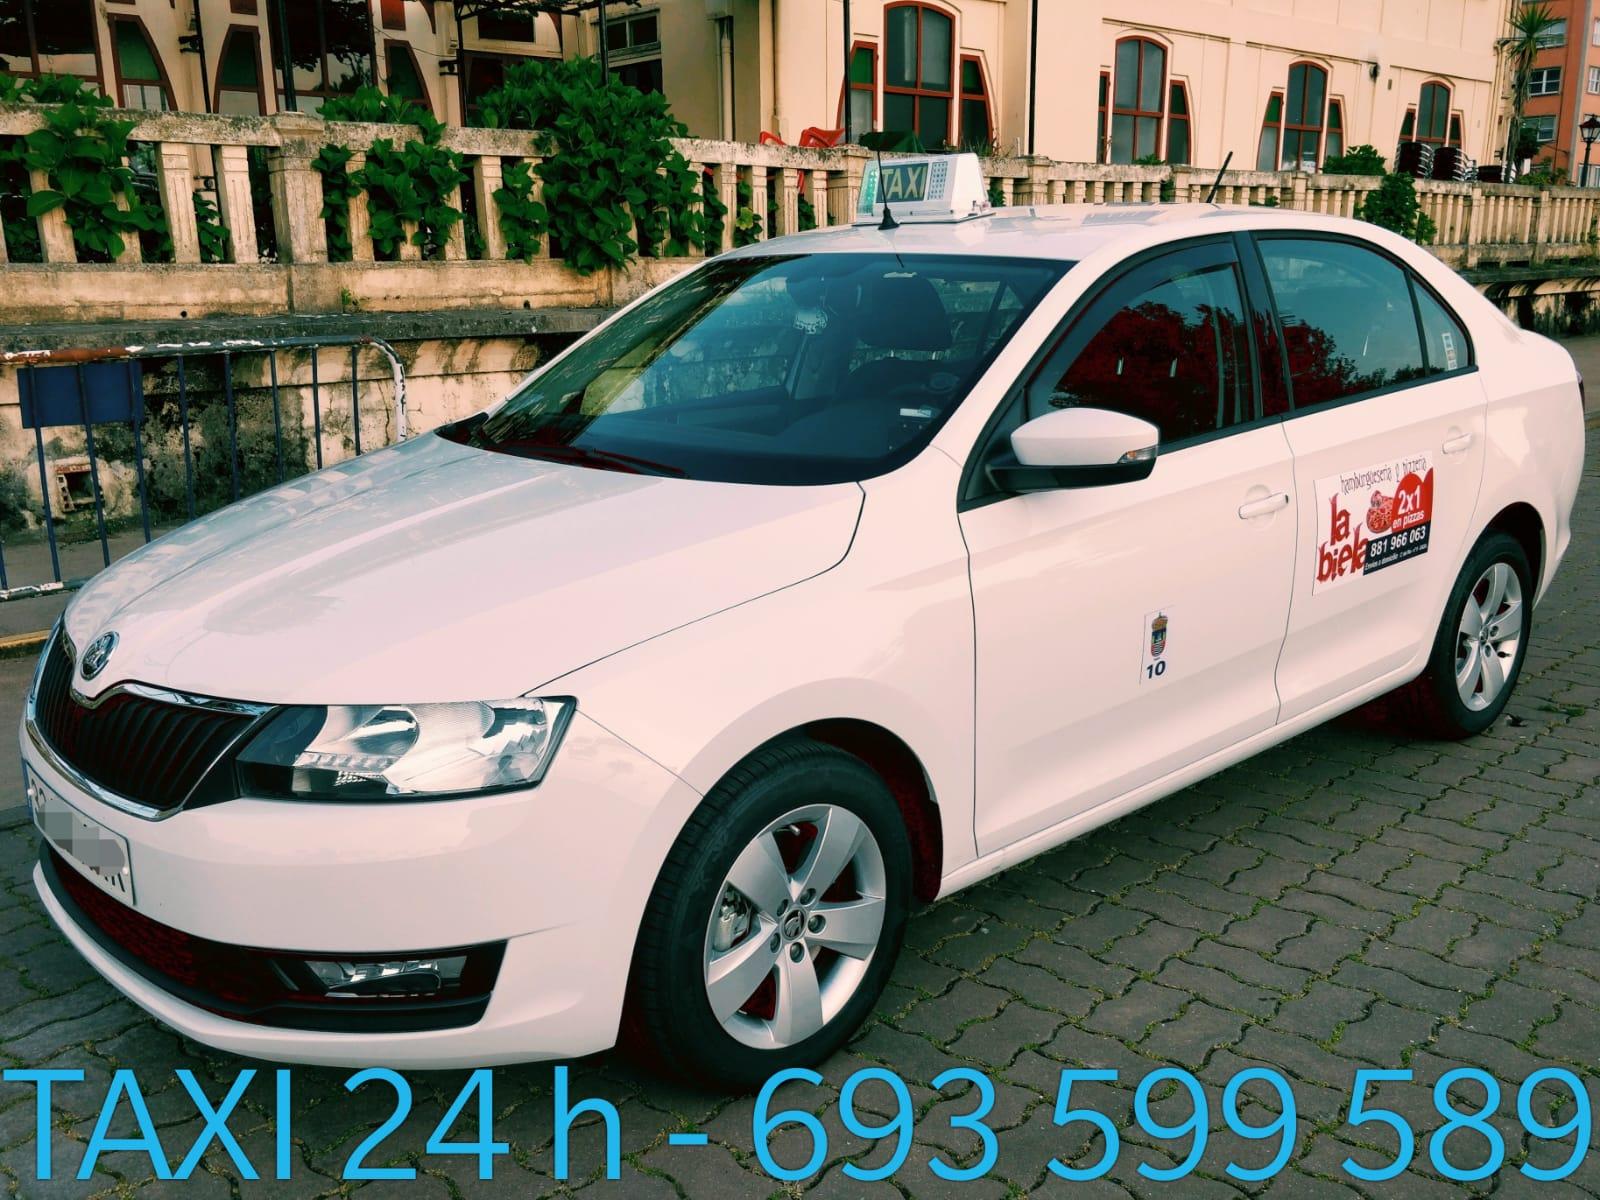 Taxi 24 Horas Sada (Taxi Ferreiro)